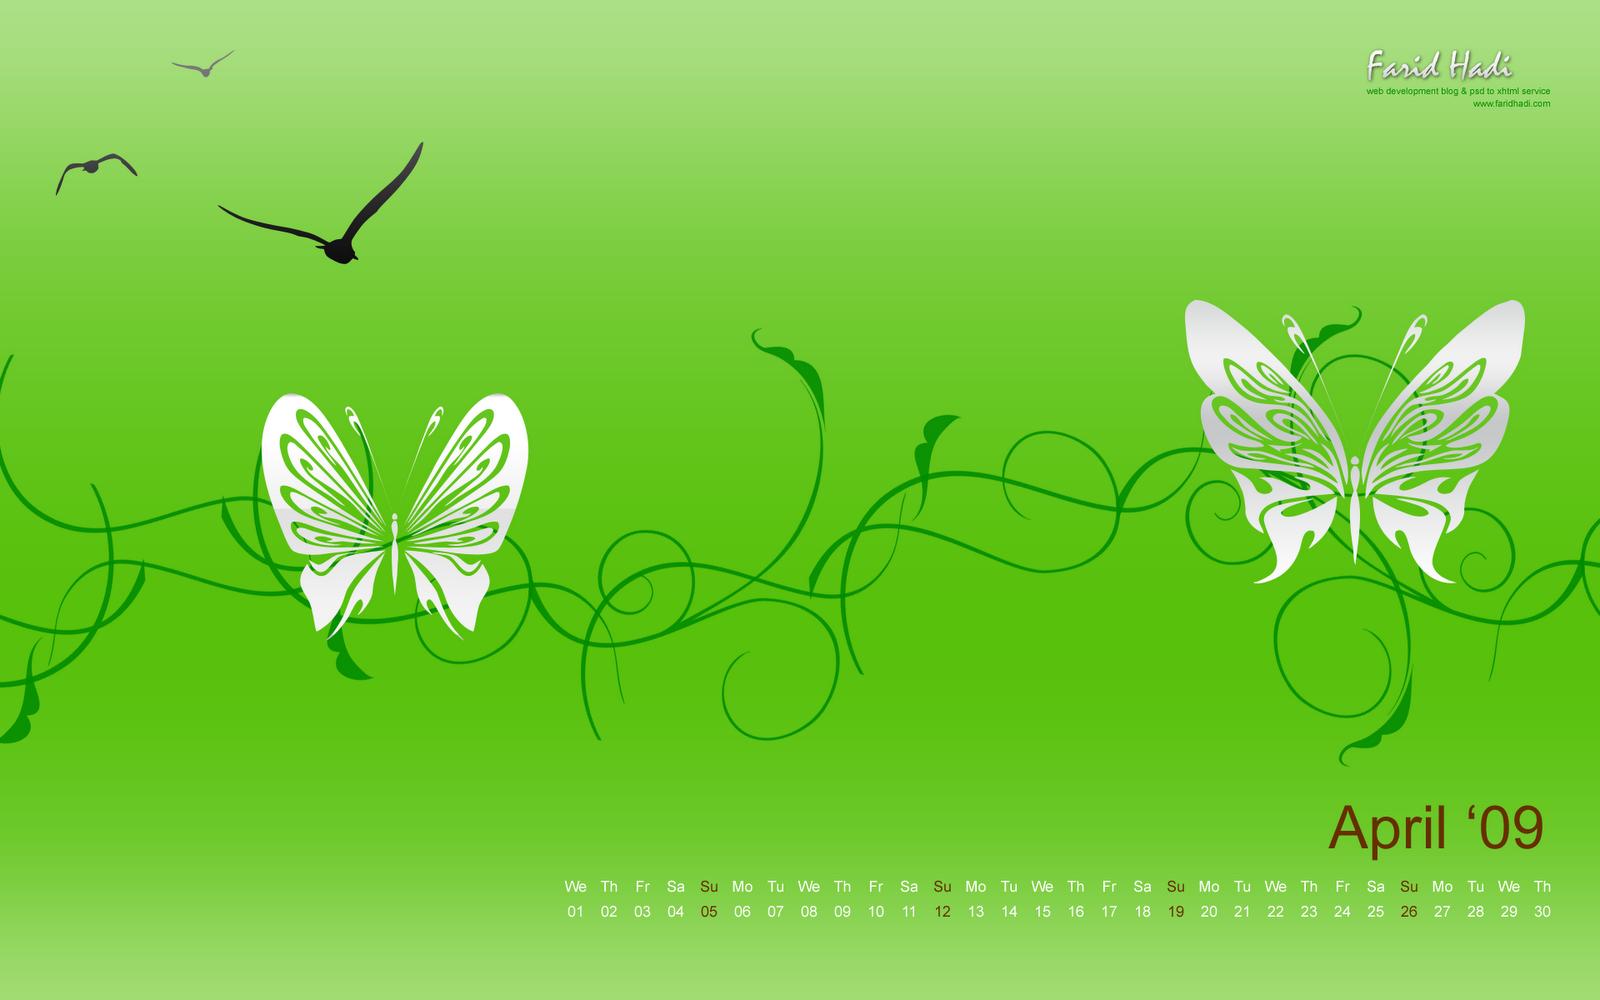 http://1.bp.blogspot.com/-TpAWHER9X8Q/TfAHESfJZmI/AAAAAAAAAQ4/mLKMyGt06QM/s1600/desktop-wallpaper-calendar-april-2009-1920x1200.png